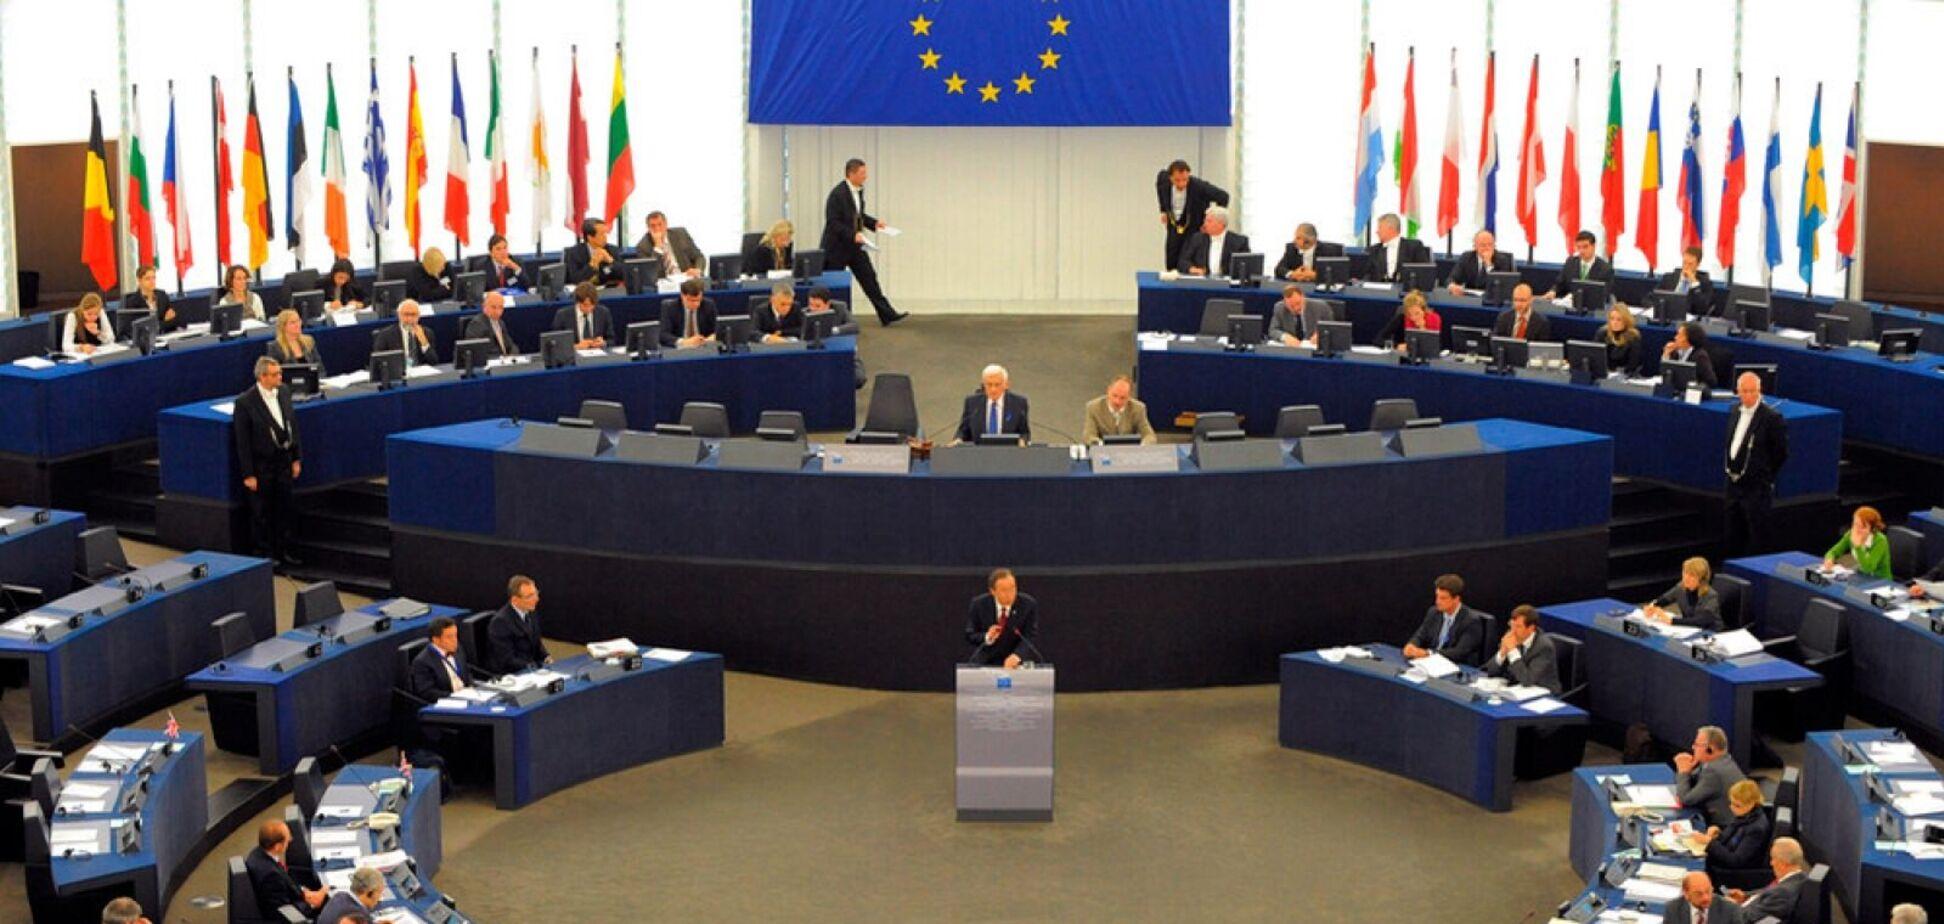 Європарламент стурбований нападками на керівництво НАК 'Нафтогаз' і будівництвом 'Північного потоку-2'